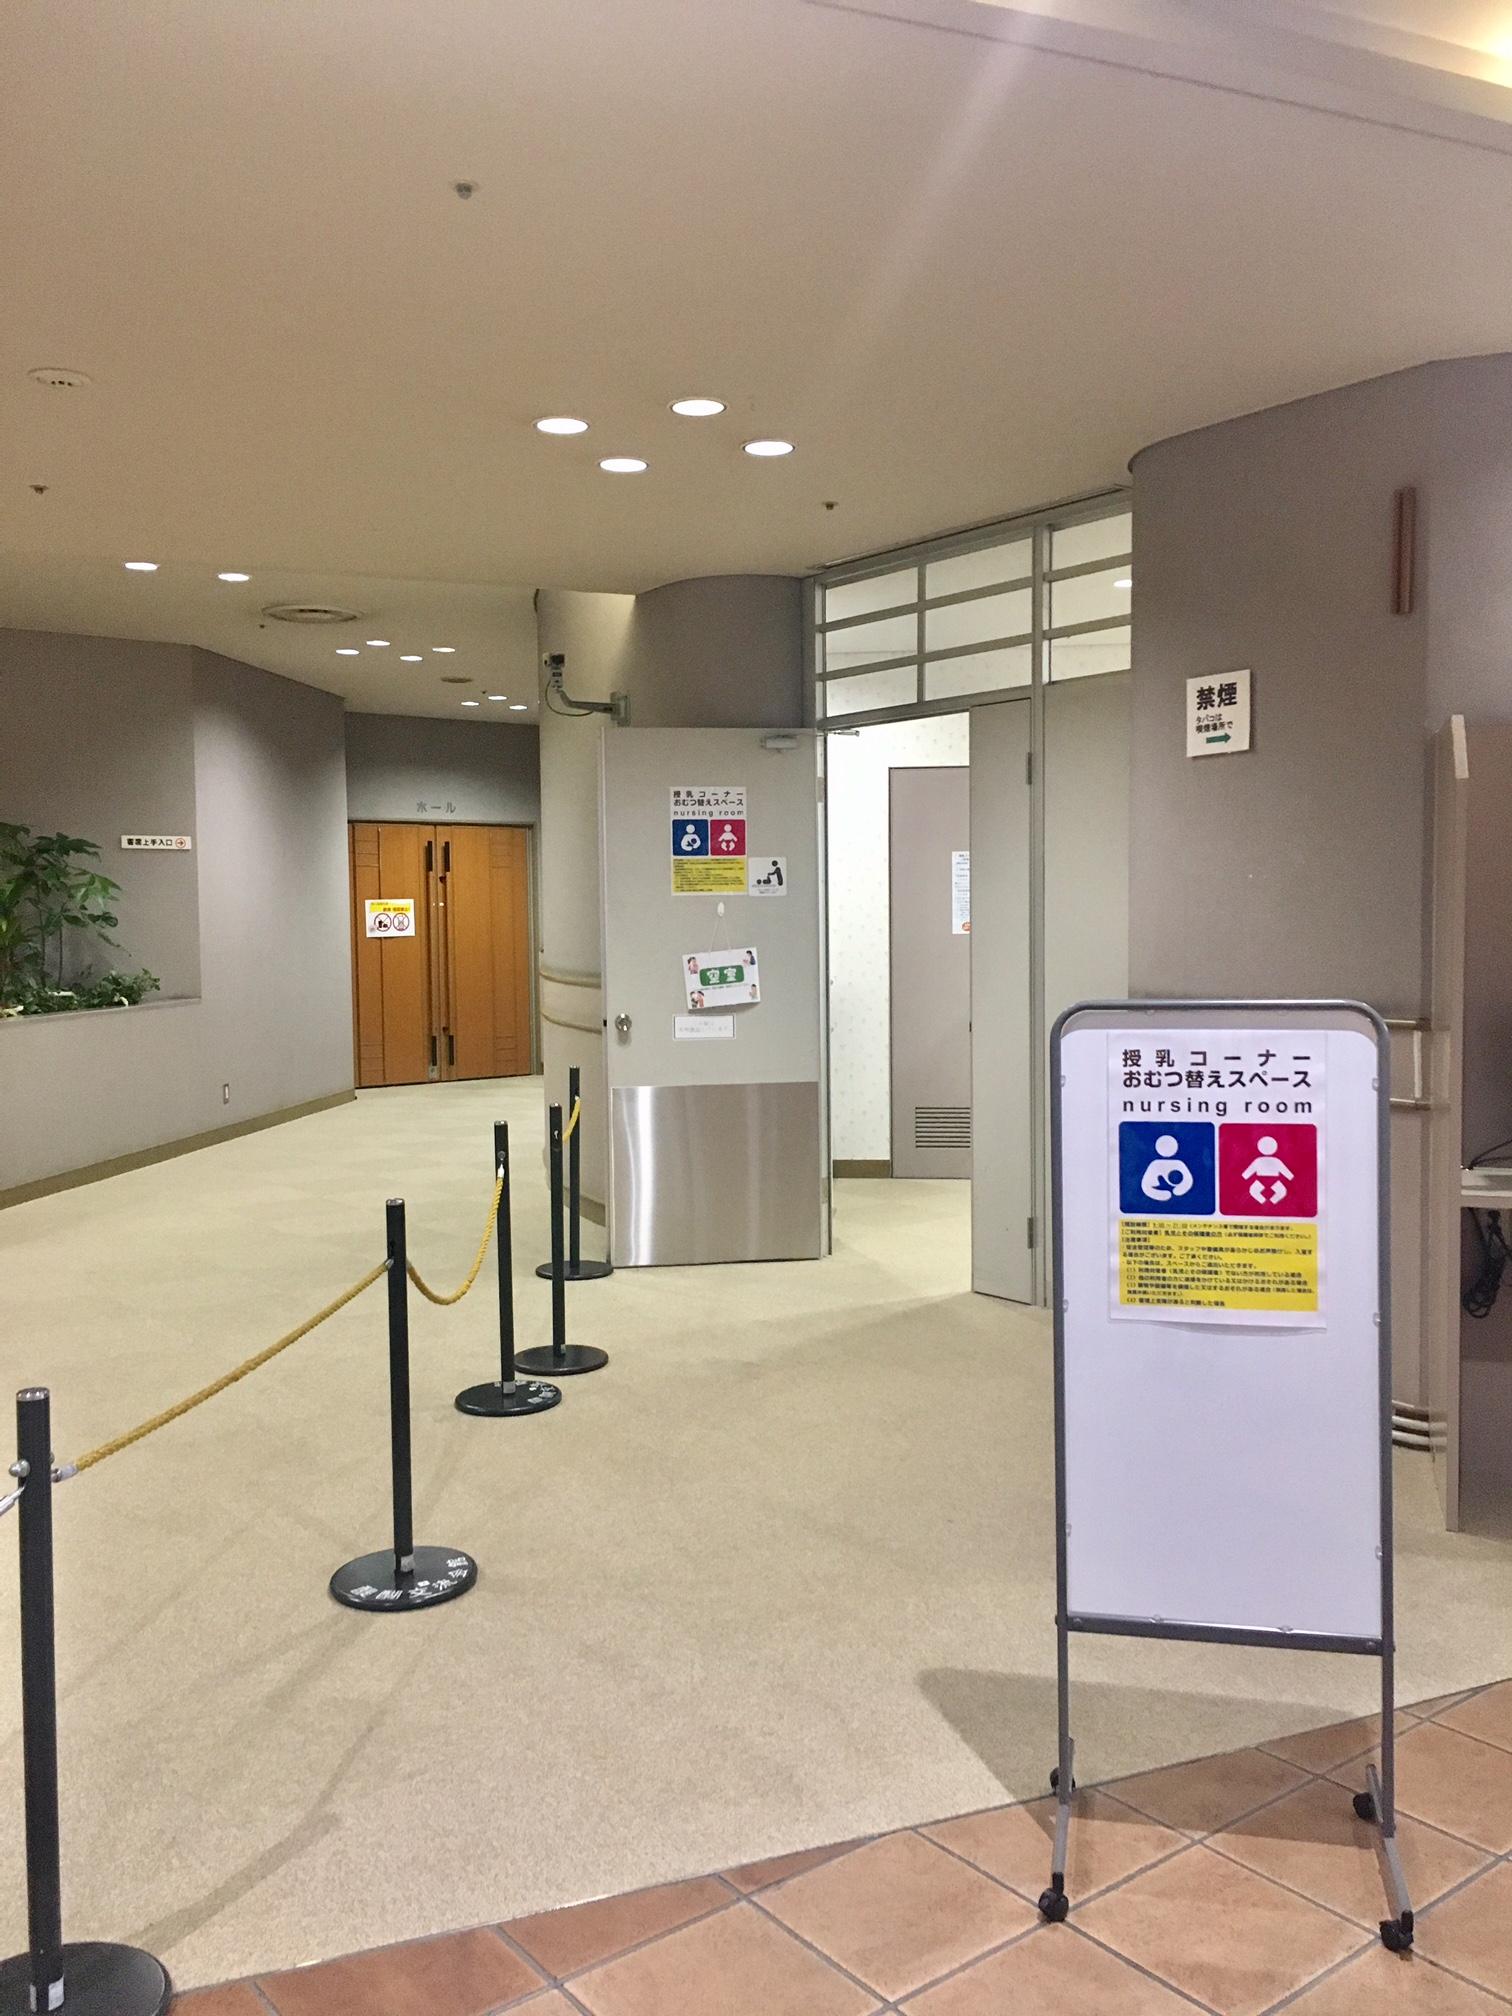 授乳コーナー入口.jpg